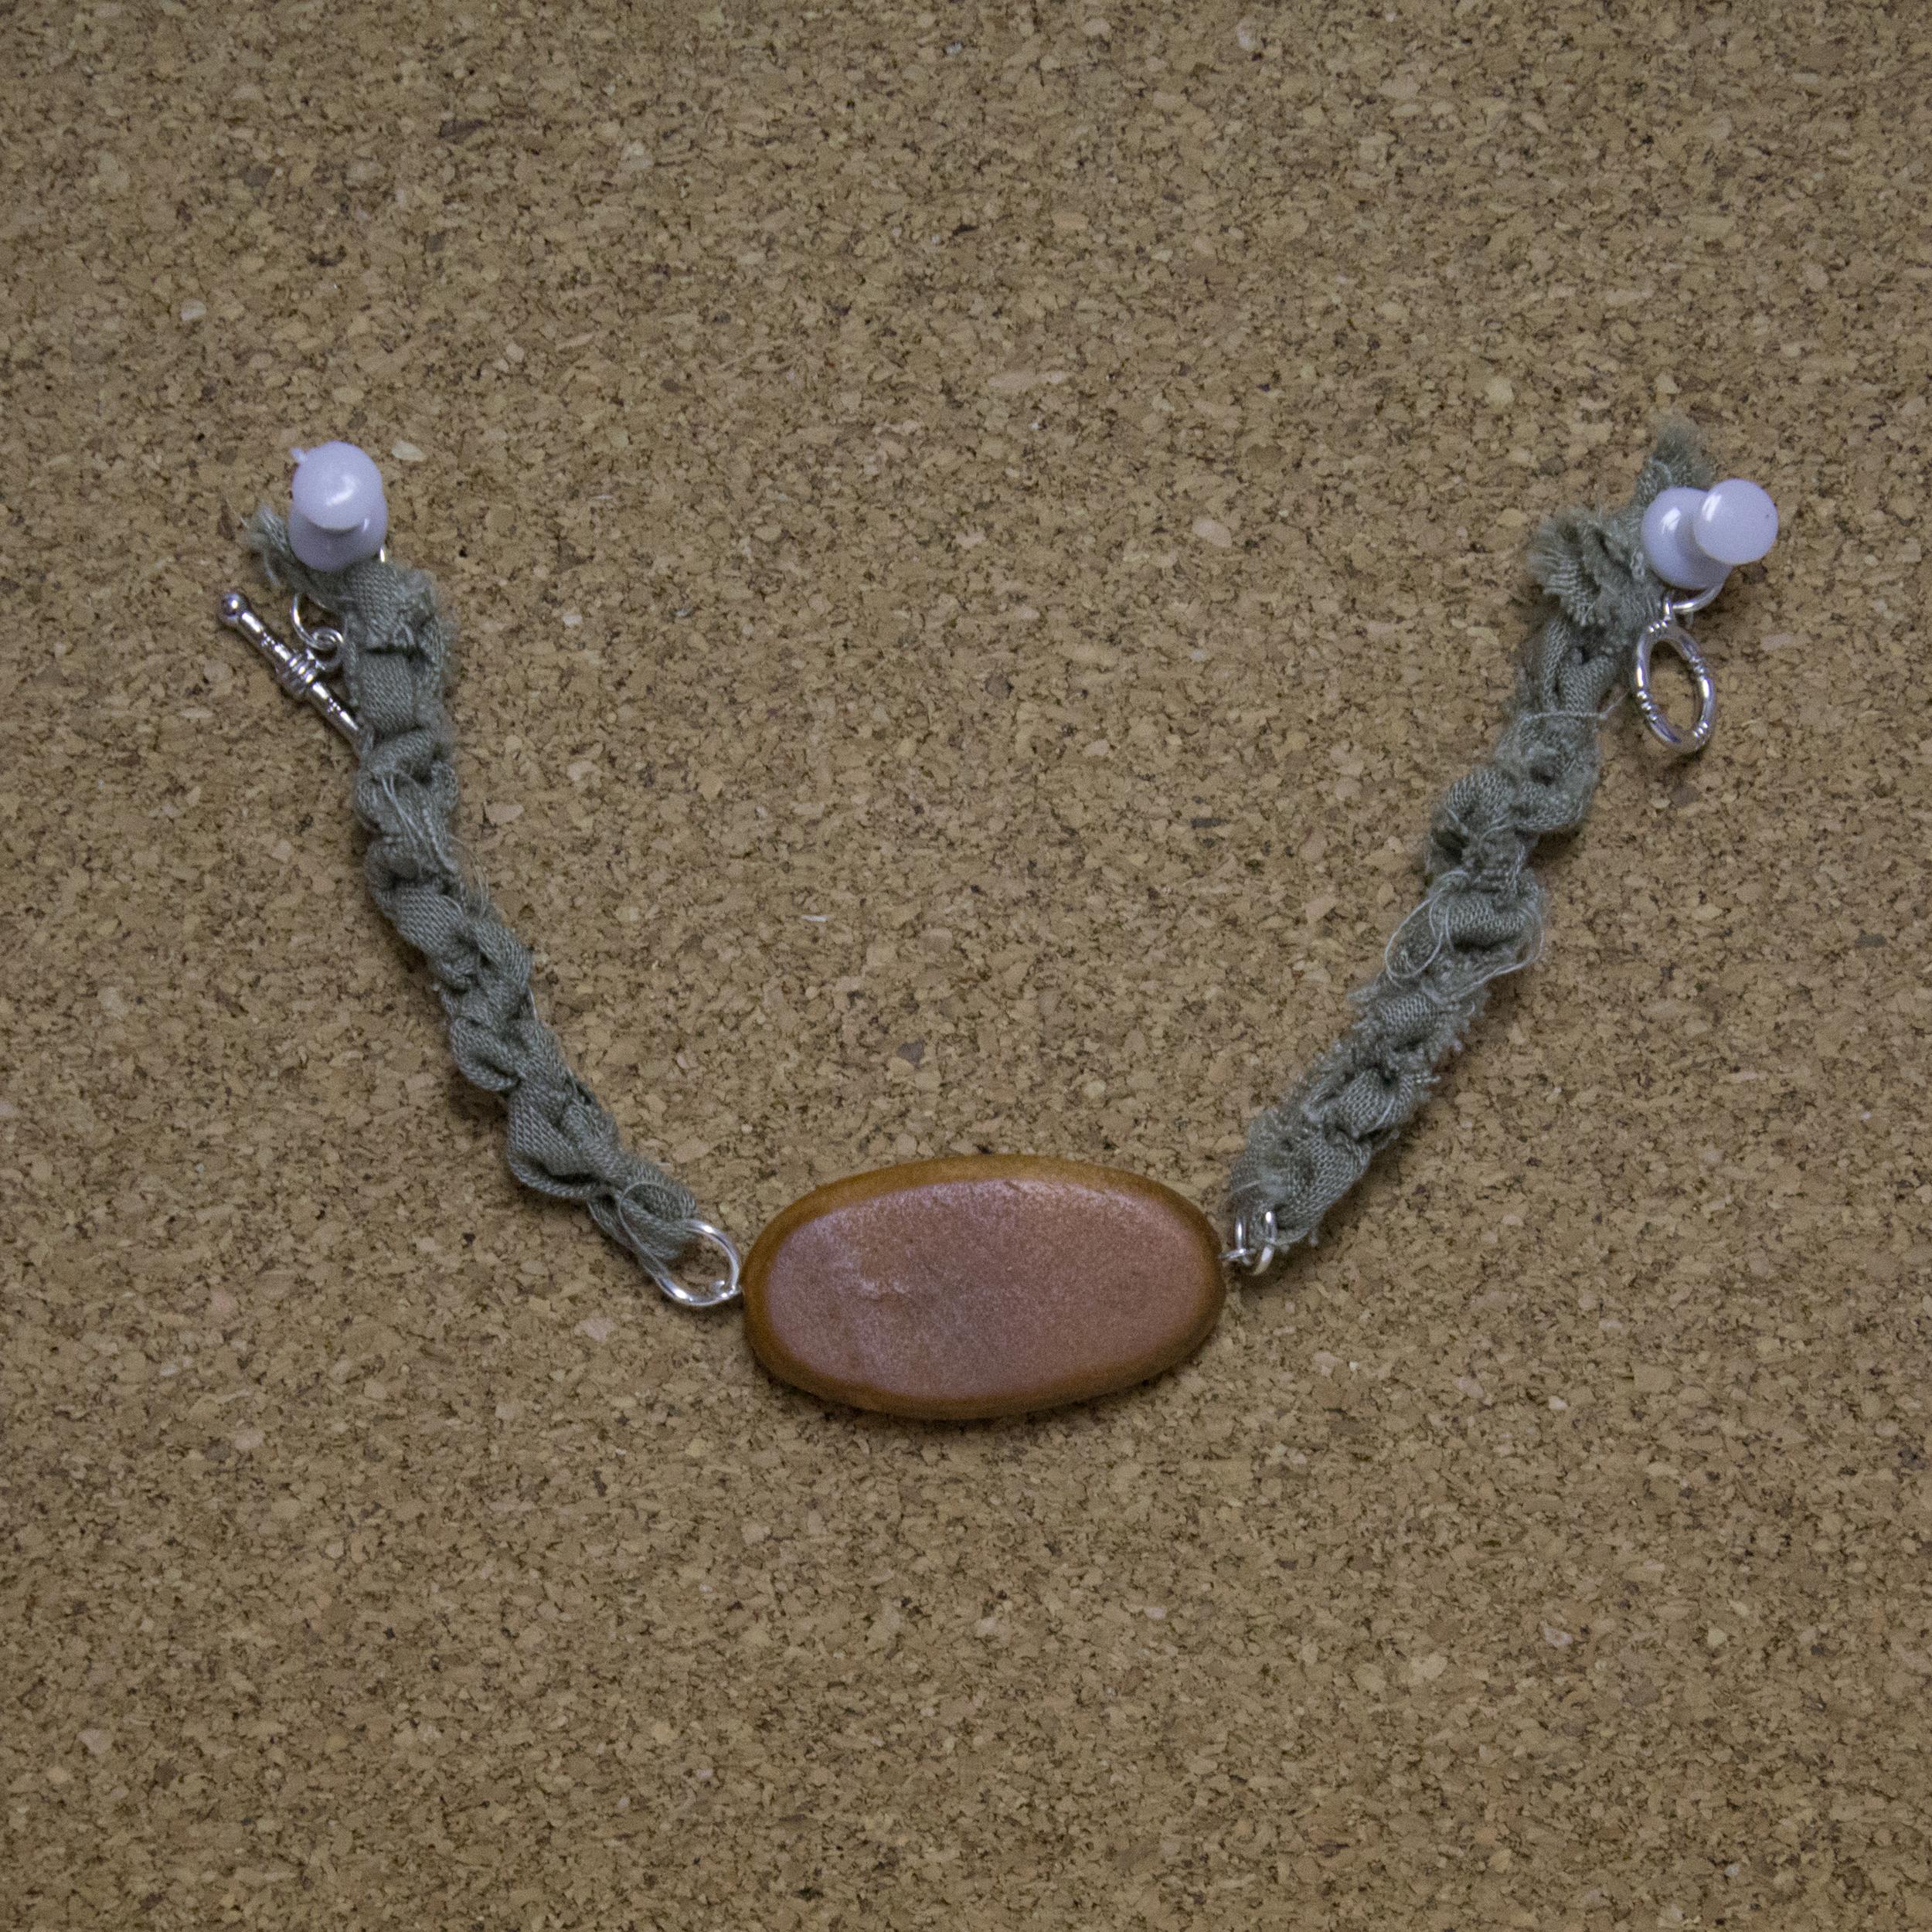 Flat Oval Bracelet - $5